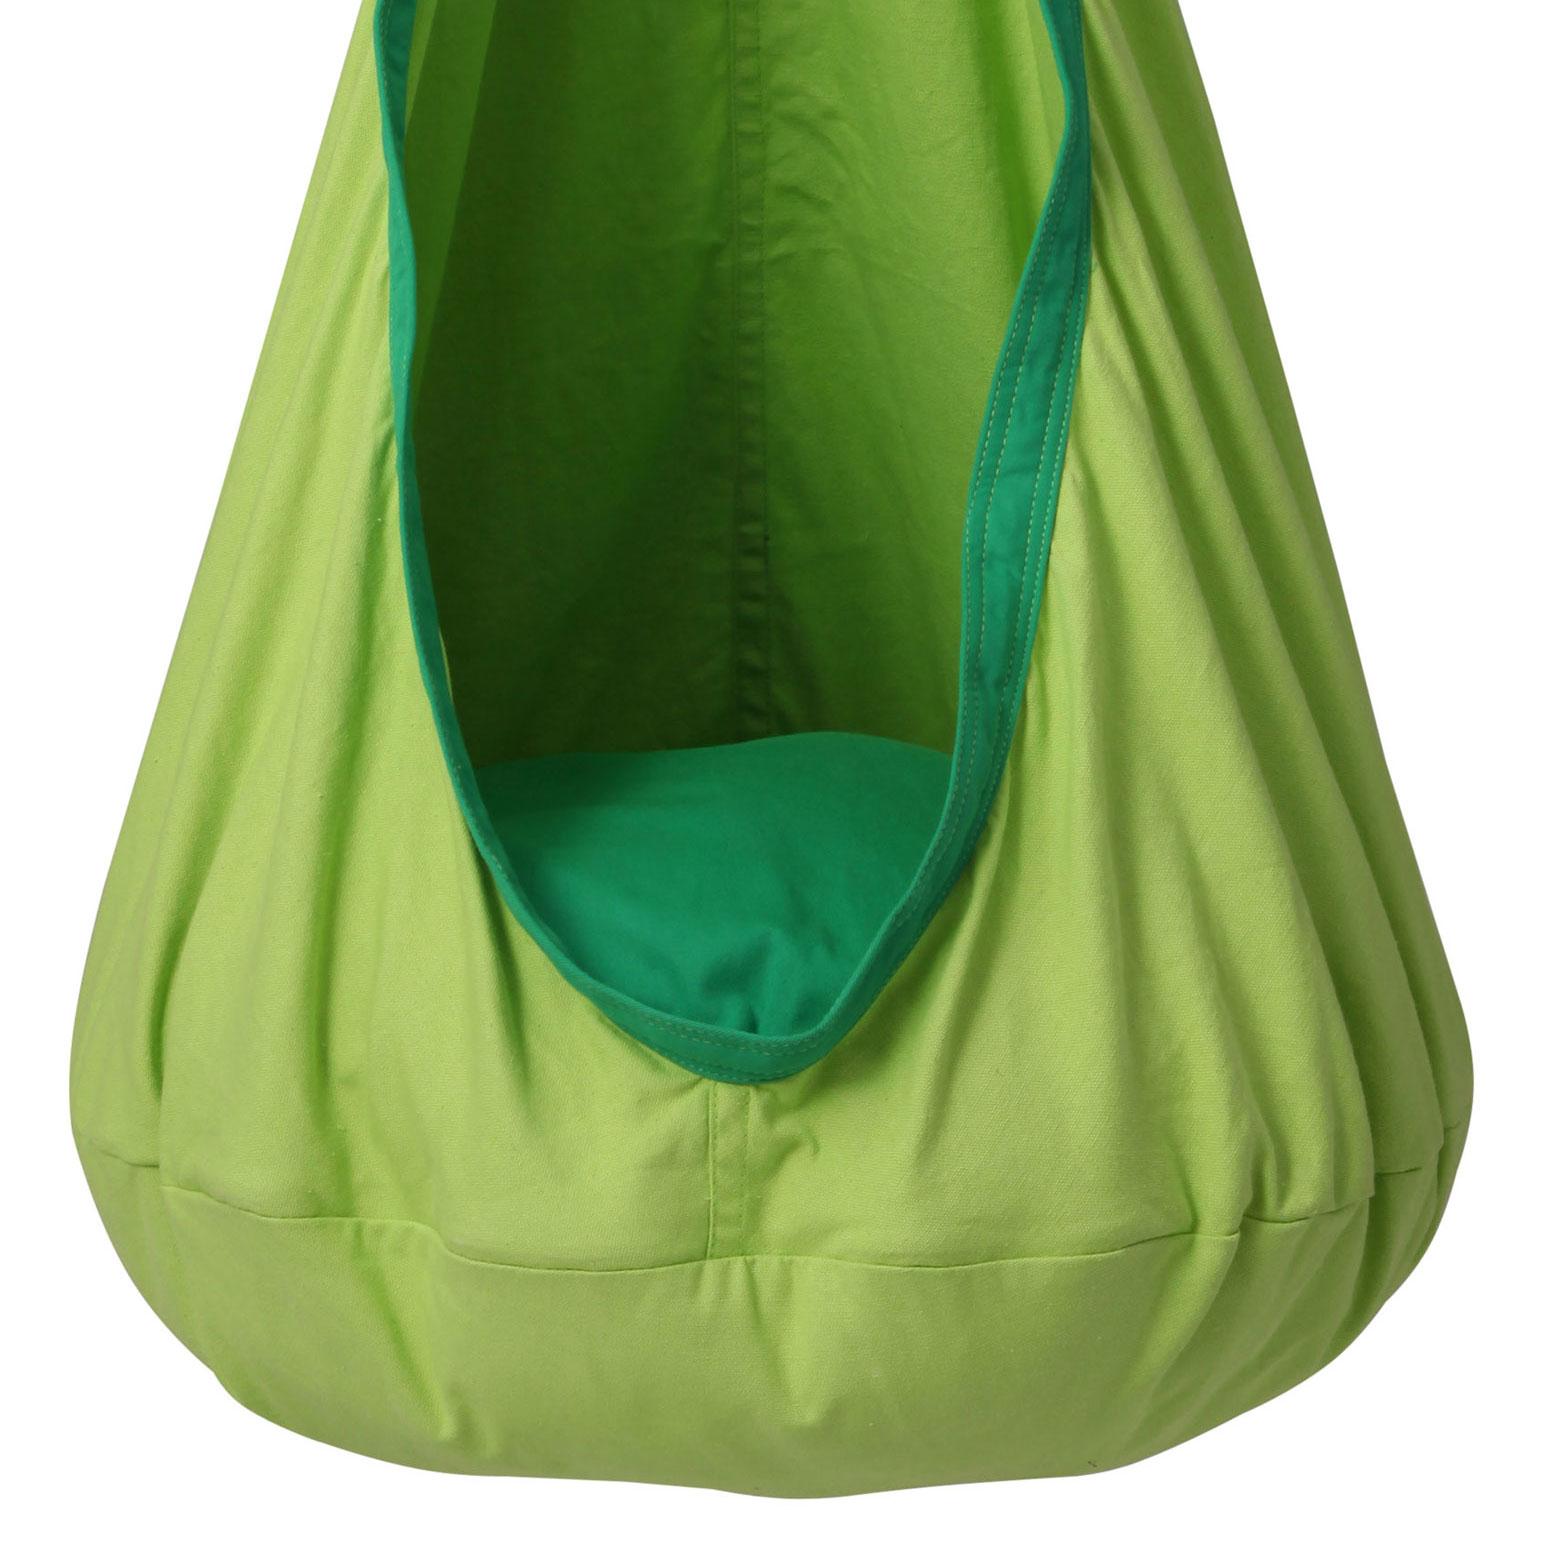 Green Kids Sensory Swing Pod Chair  Heavenly Hammocks